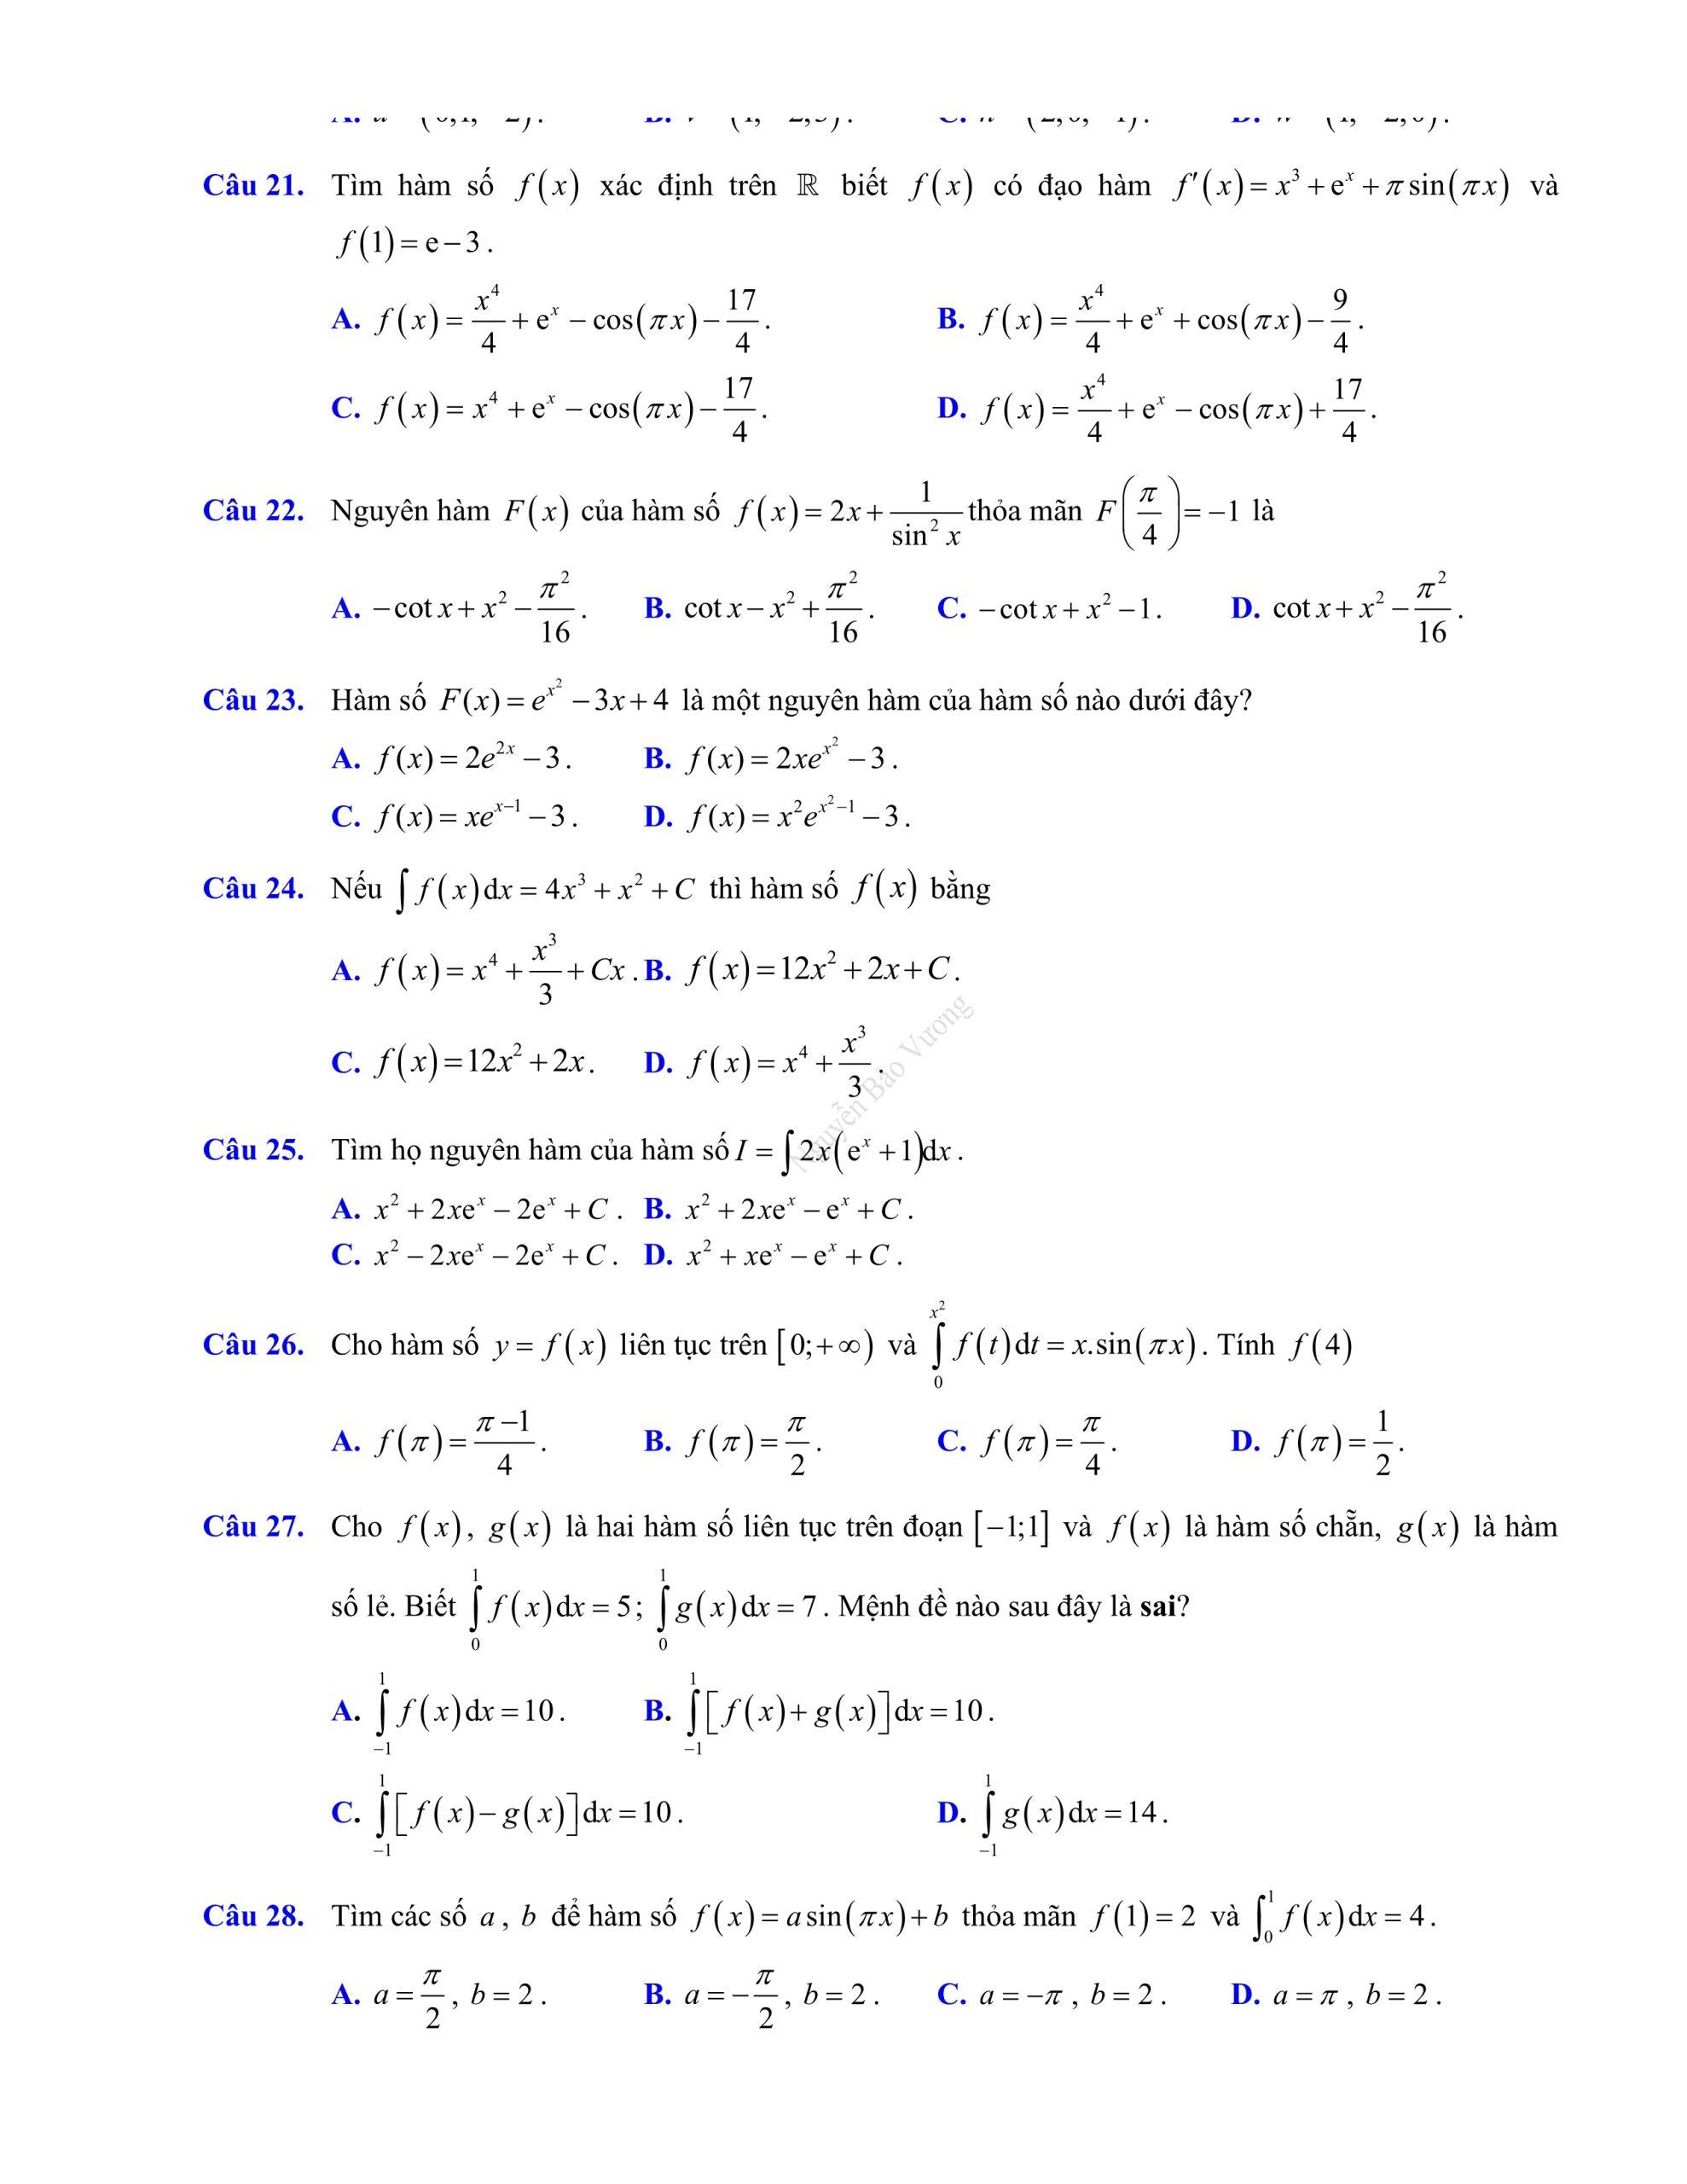 Đề thi giữa hk2 toán 12 có đáp án 2021 bản đẹp chuẩn